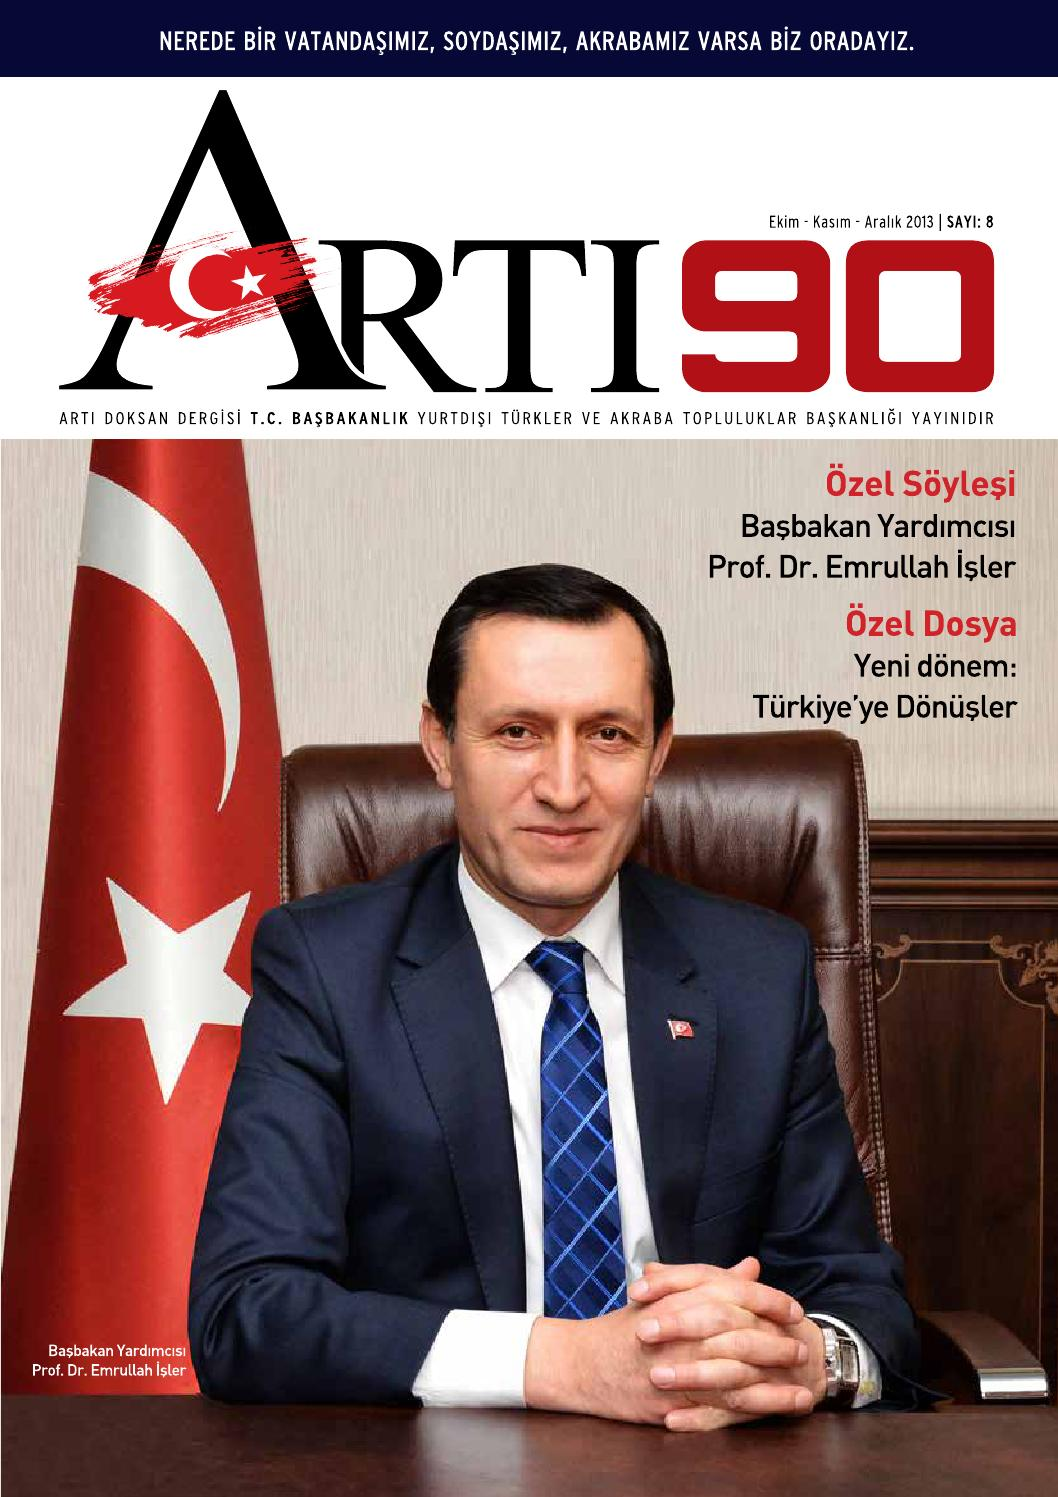 AK Partili Tayyar: Yeni bir derin devlet oluşturulacak, bunlar milletten emir alacak 19